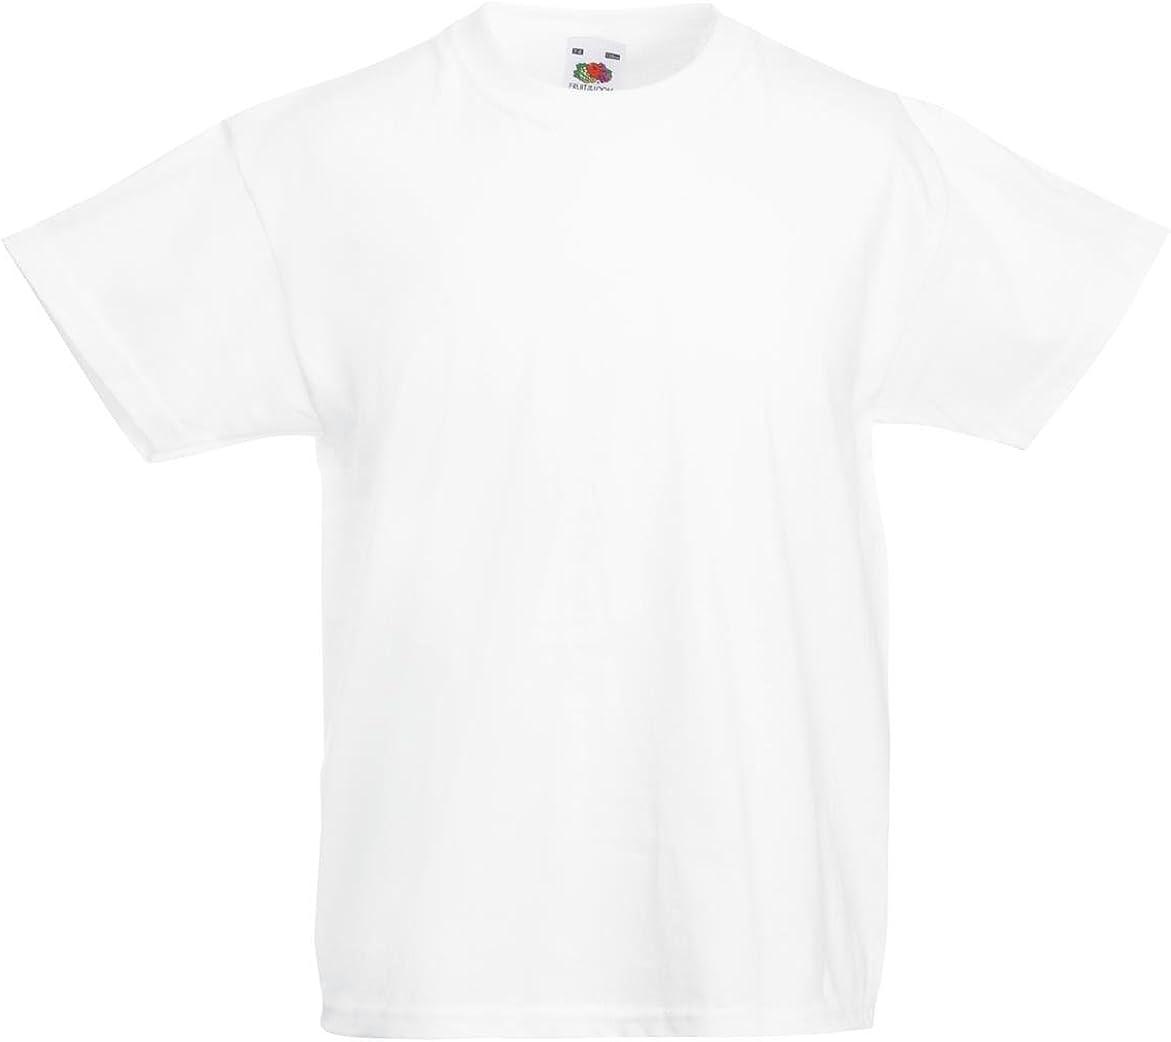 Fruit of the Loom Kids Value Short Sleeve T Shirt White 7-8